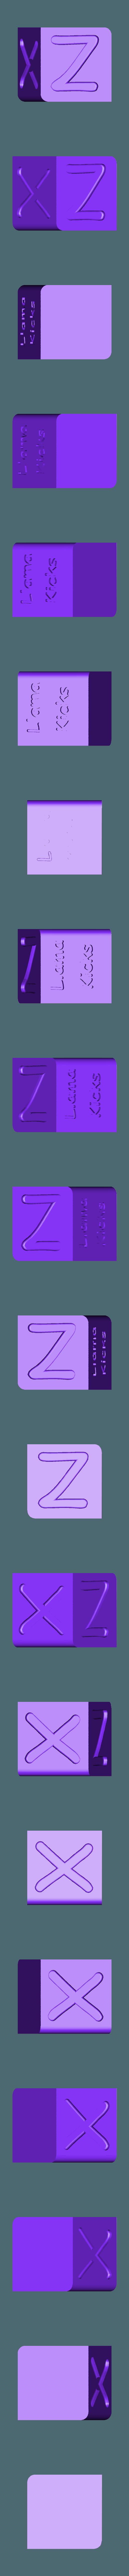 LlamaKicksCube.stl Télécharger fichier STL gratuit LlamaKickWinamp 2020 • Plan pour imprimante 3D, Thomllama